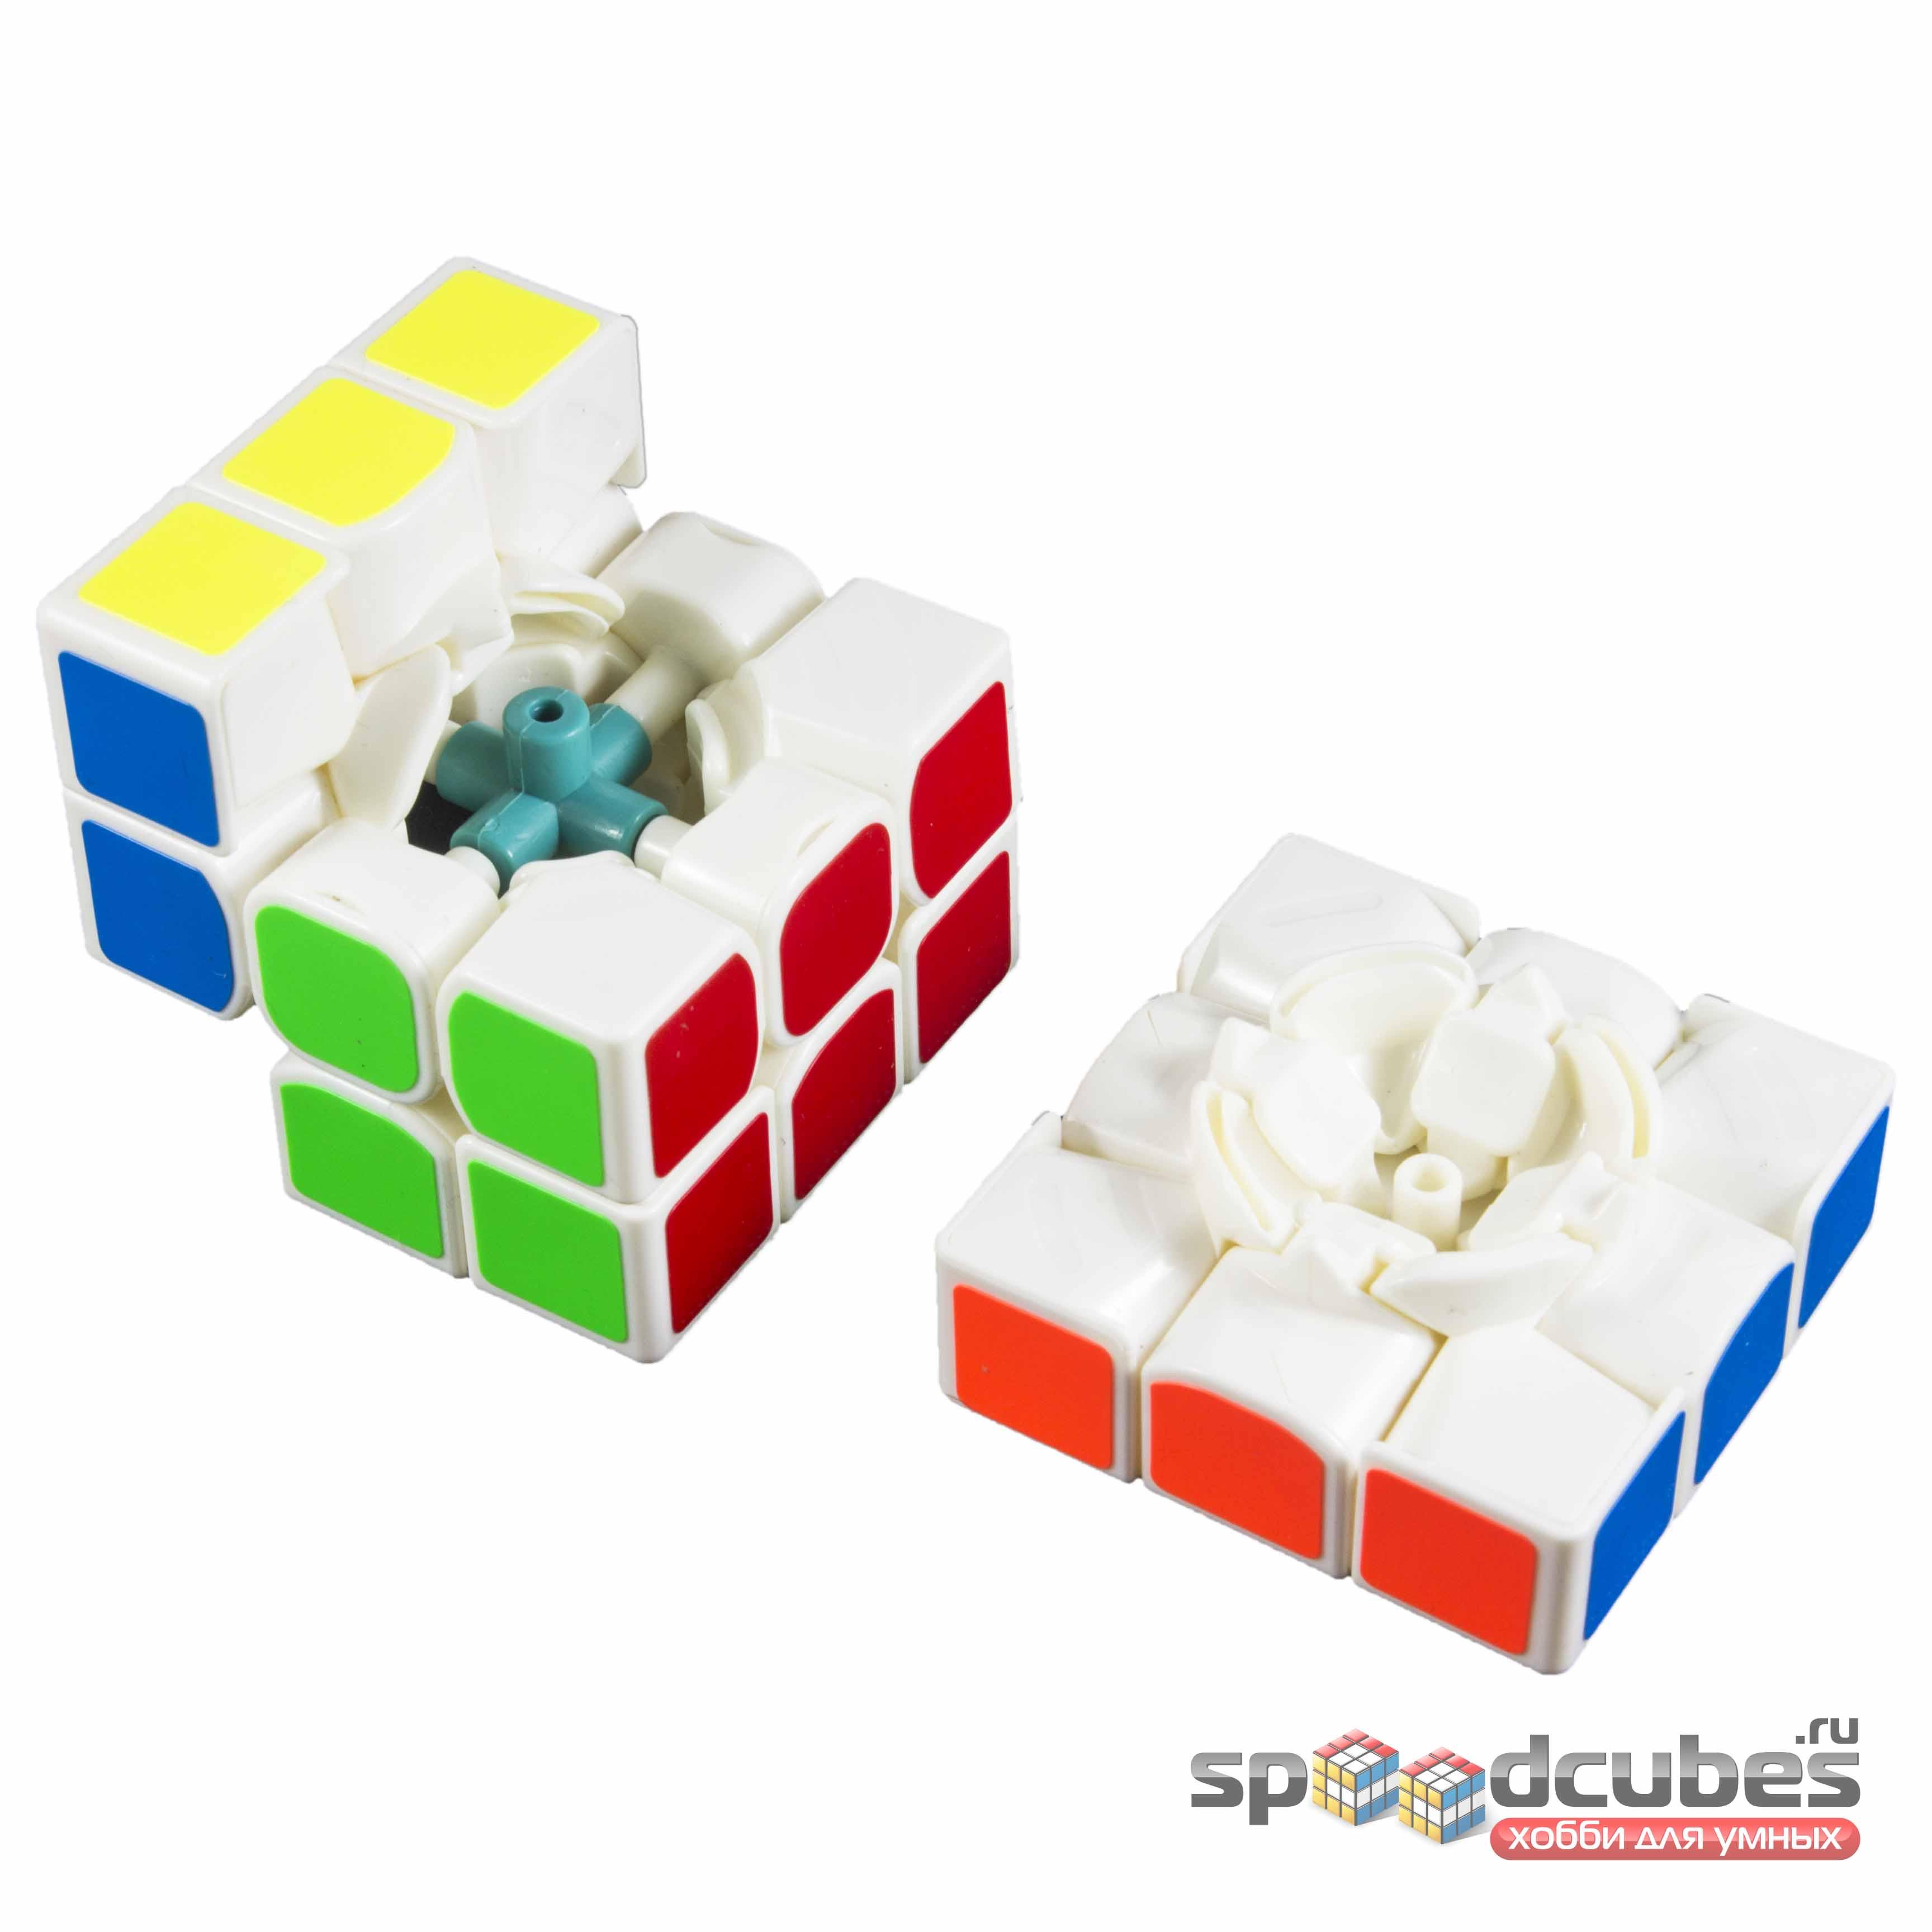 Moyu Yj 3x3x3 Guanlong Plus White 2